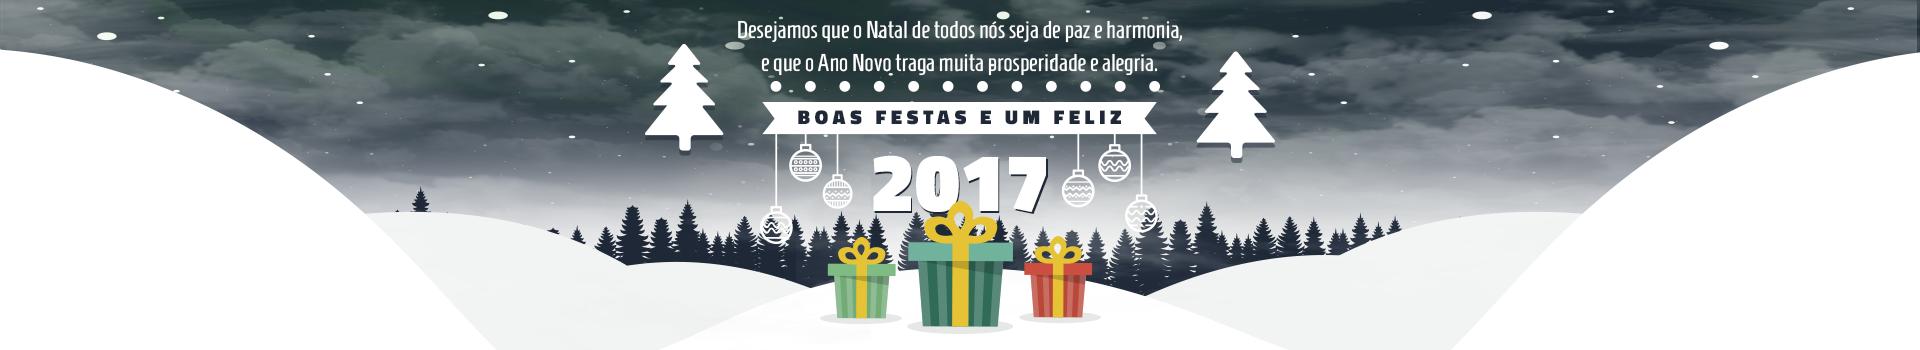 12-2016-natal1